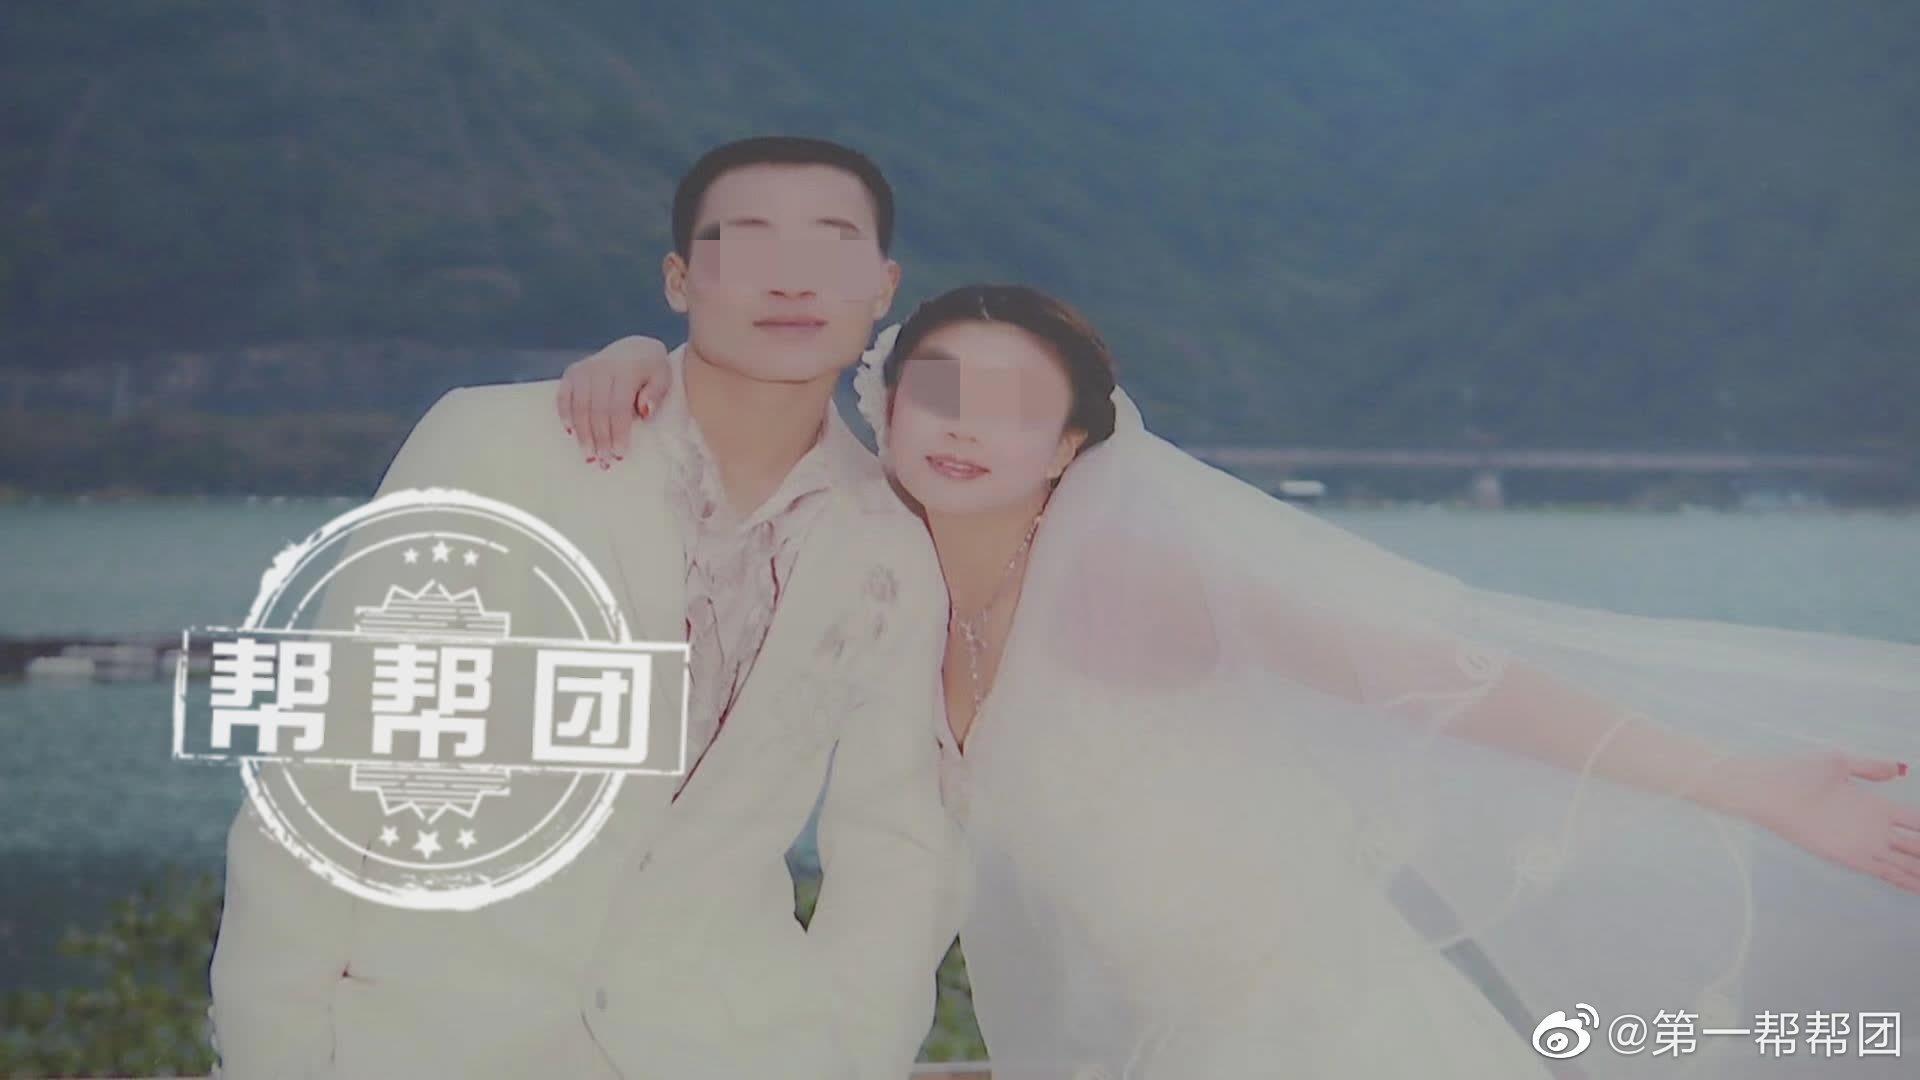 结婚8年吵架不断,濒临破碎的婚姻如何修复?